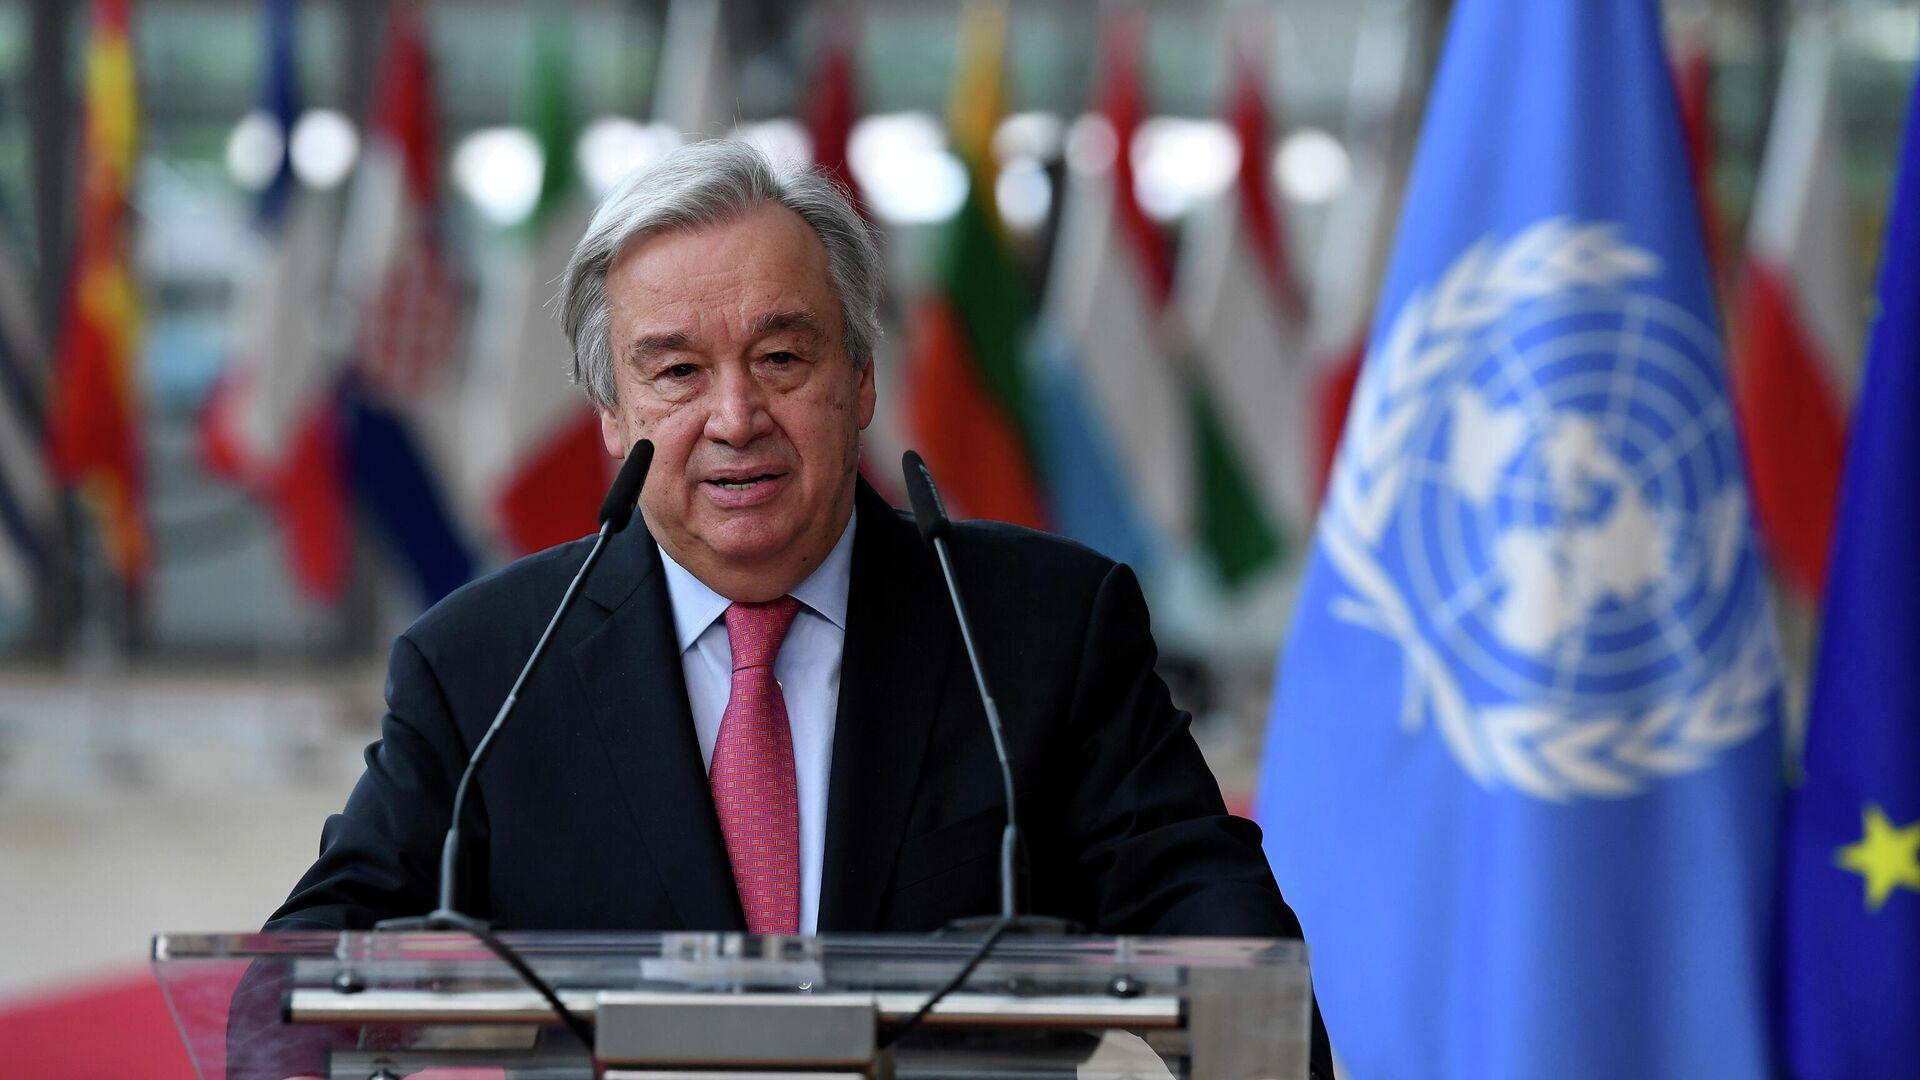 UN-Generalsekretär Antonio Guterres auf dem EU-Gipfel in Brüssel (Symbolbild) - SNA, 1920, 17.07.2021